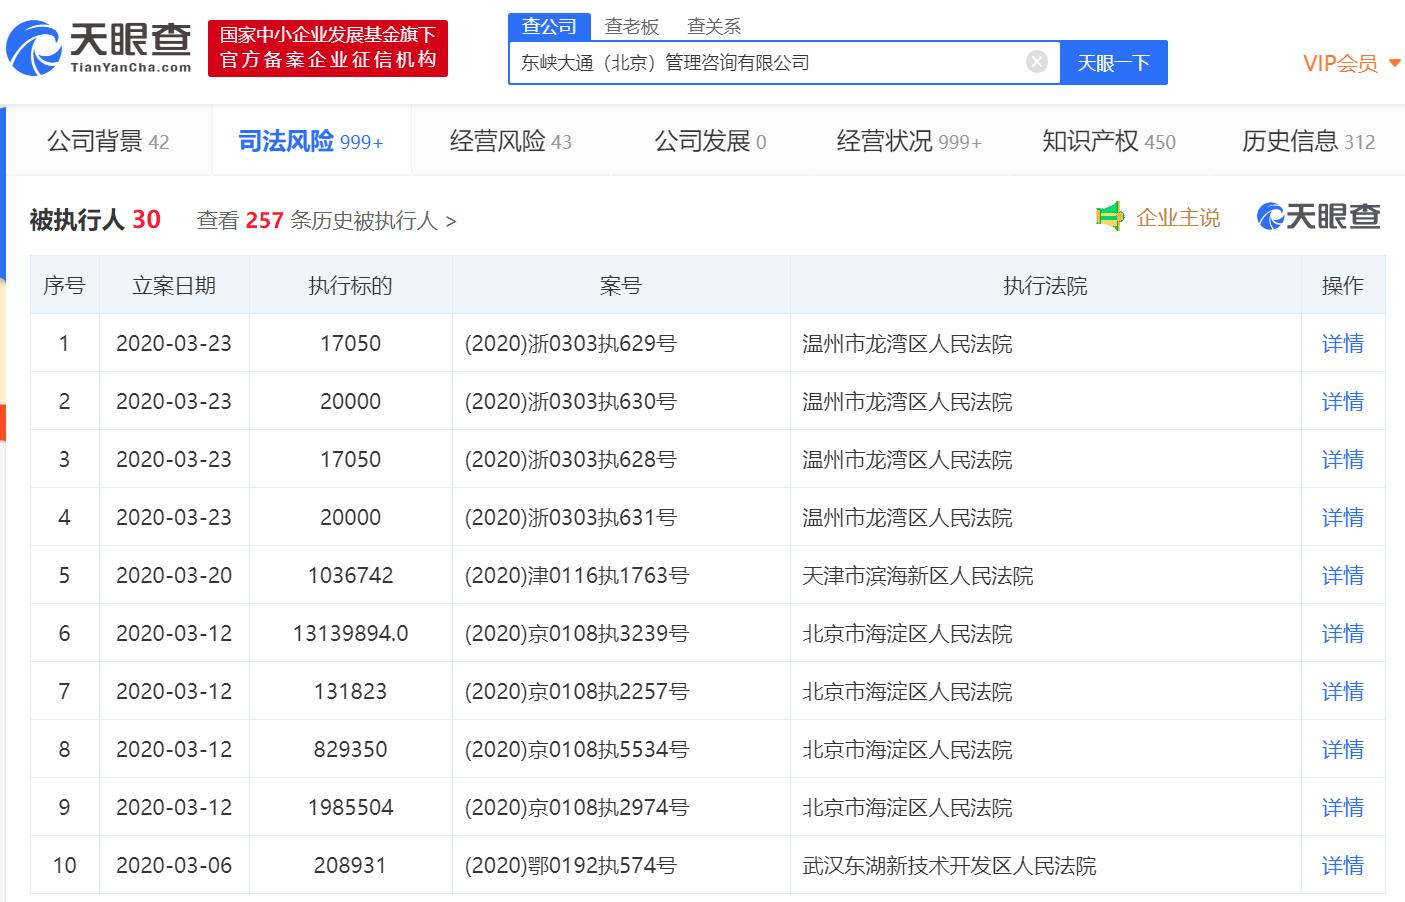 """""""老赖""""!ofo再新增5条被执行人信息 累计执行标的约111万"""